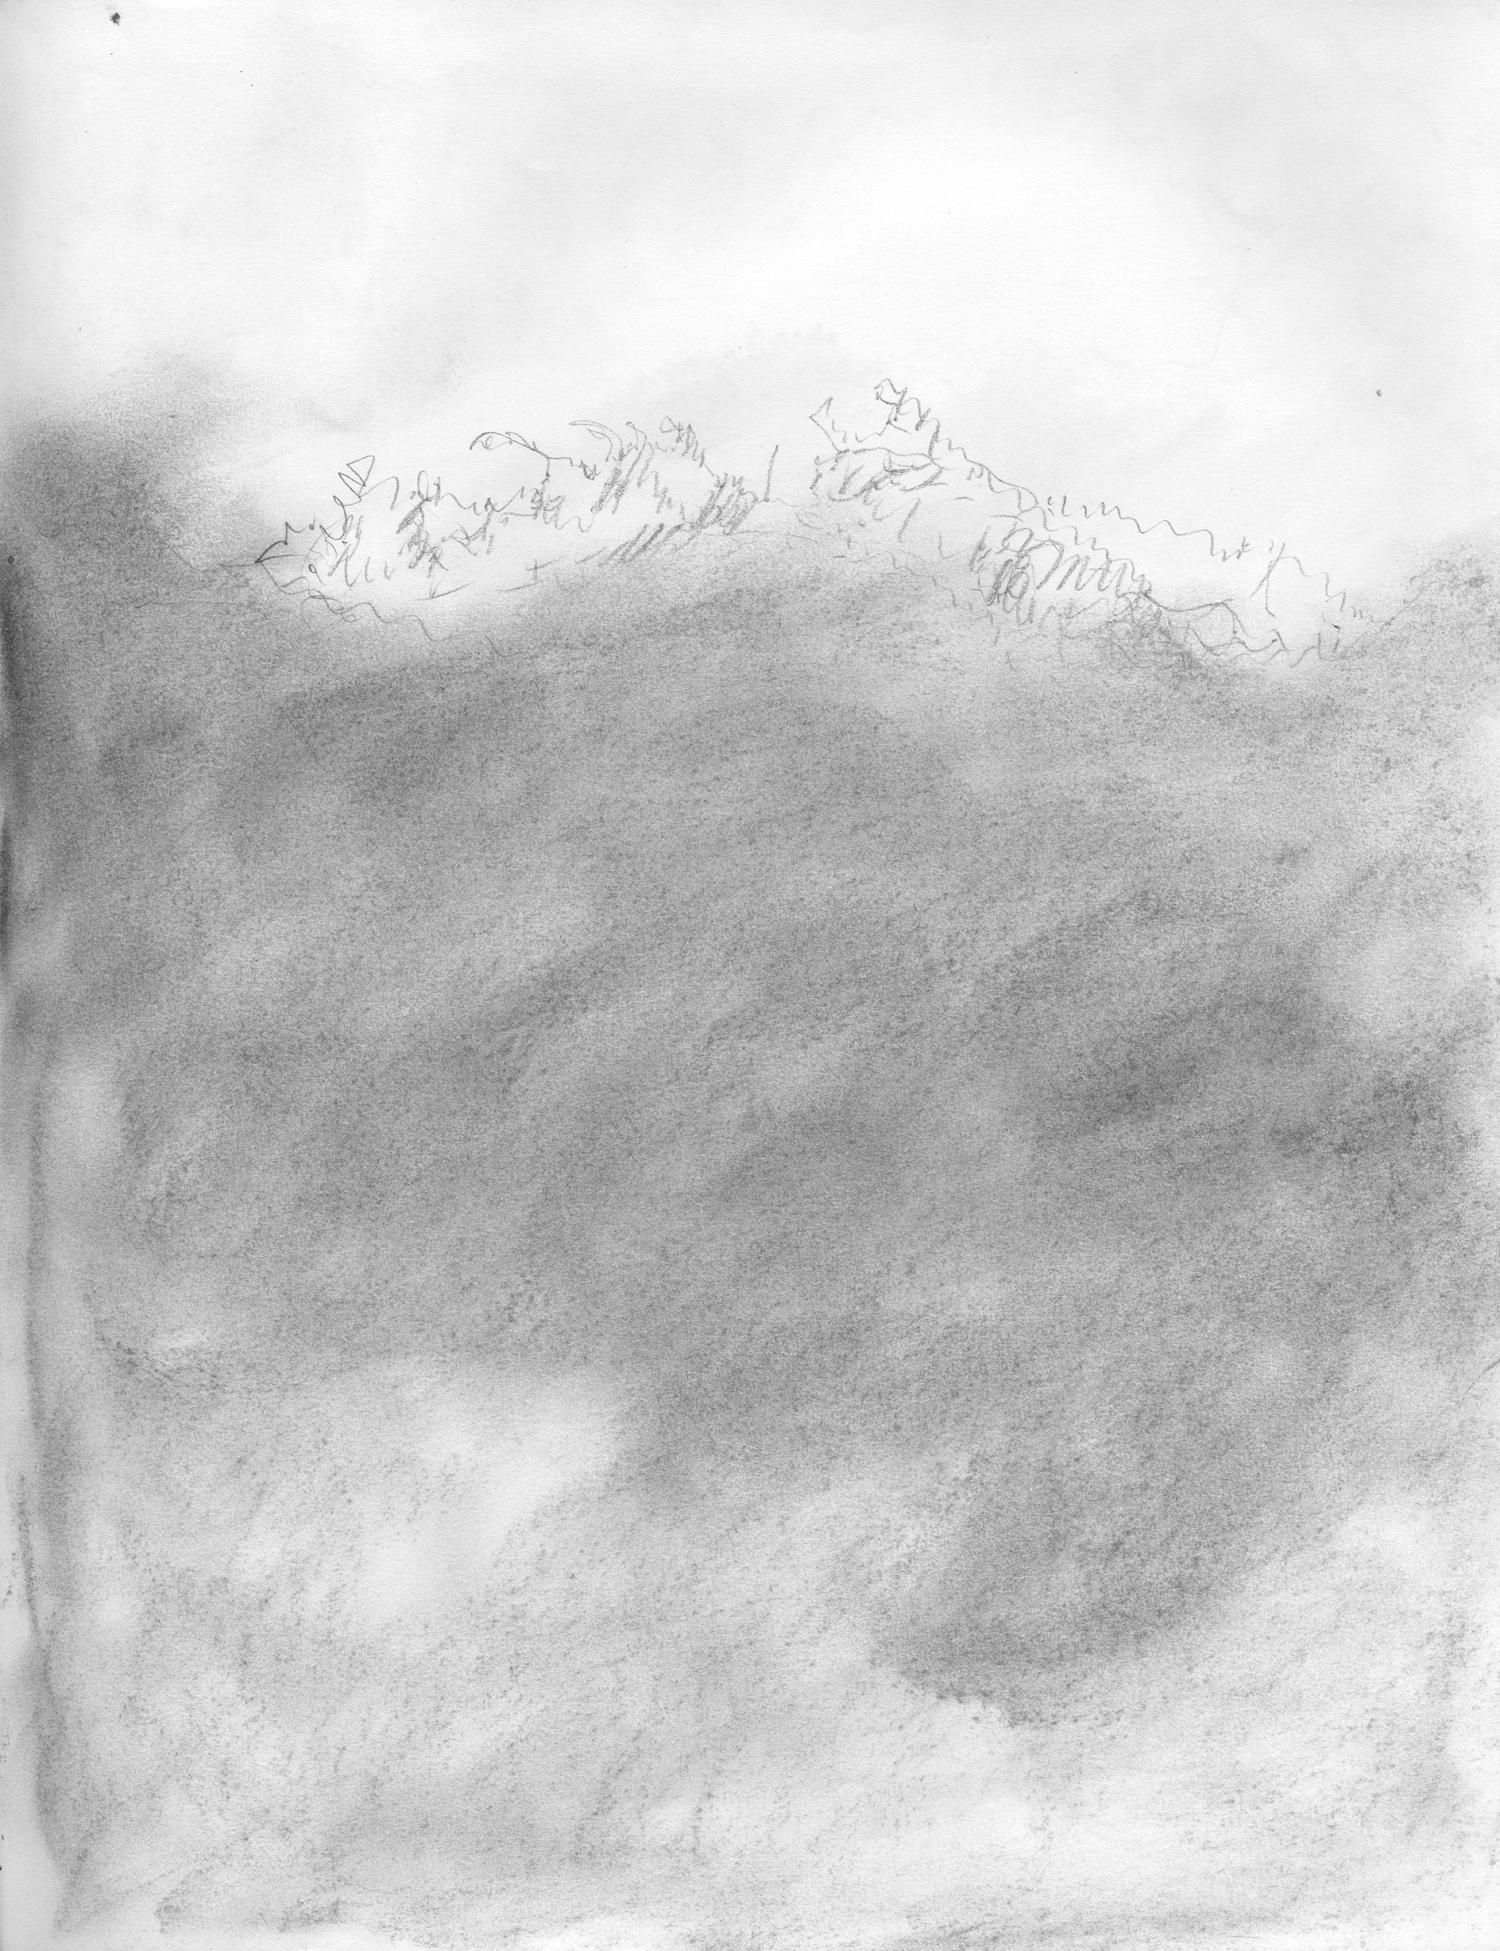 EM Gap Fire sketch 02 2016 1500x.jpg